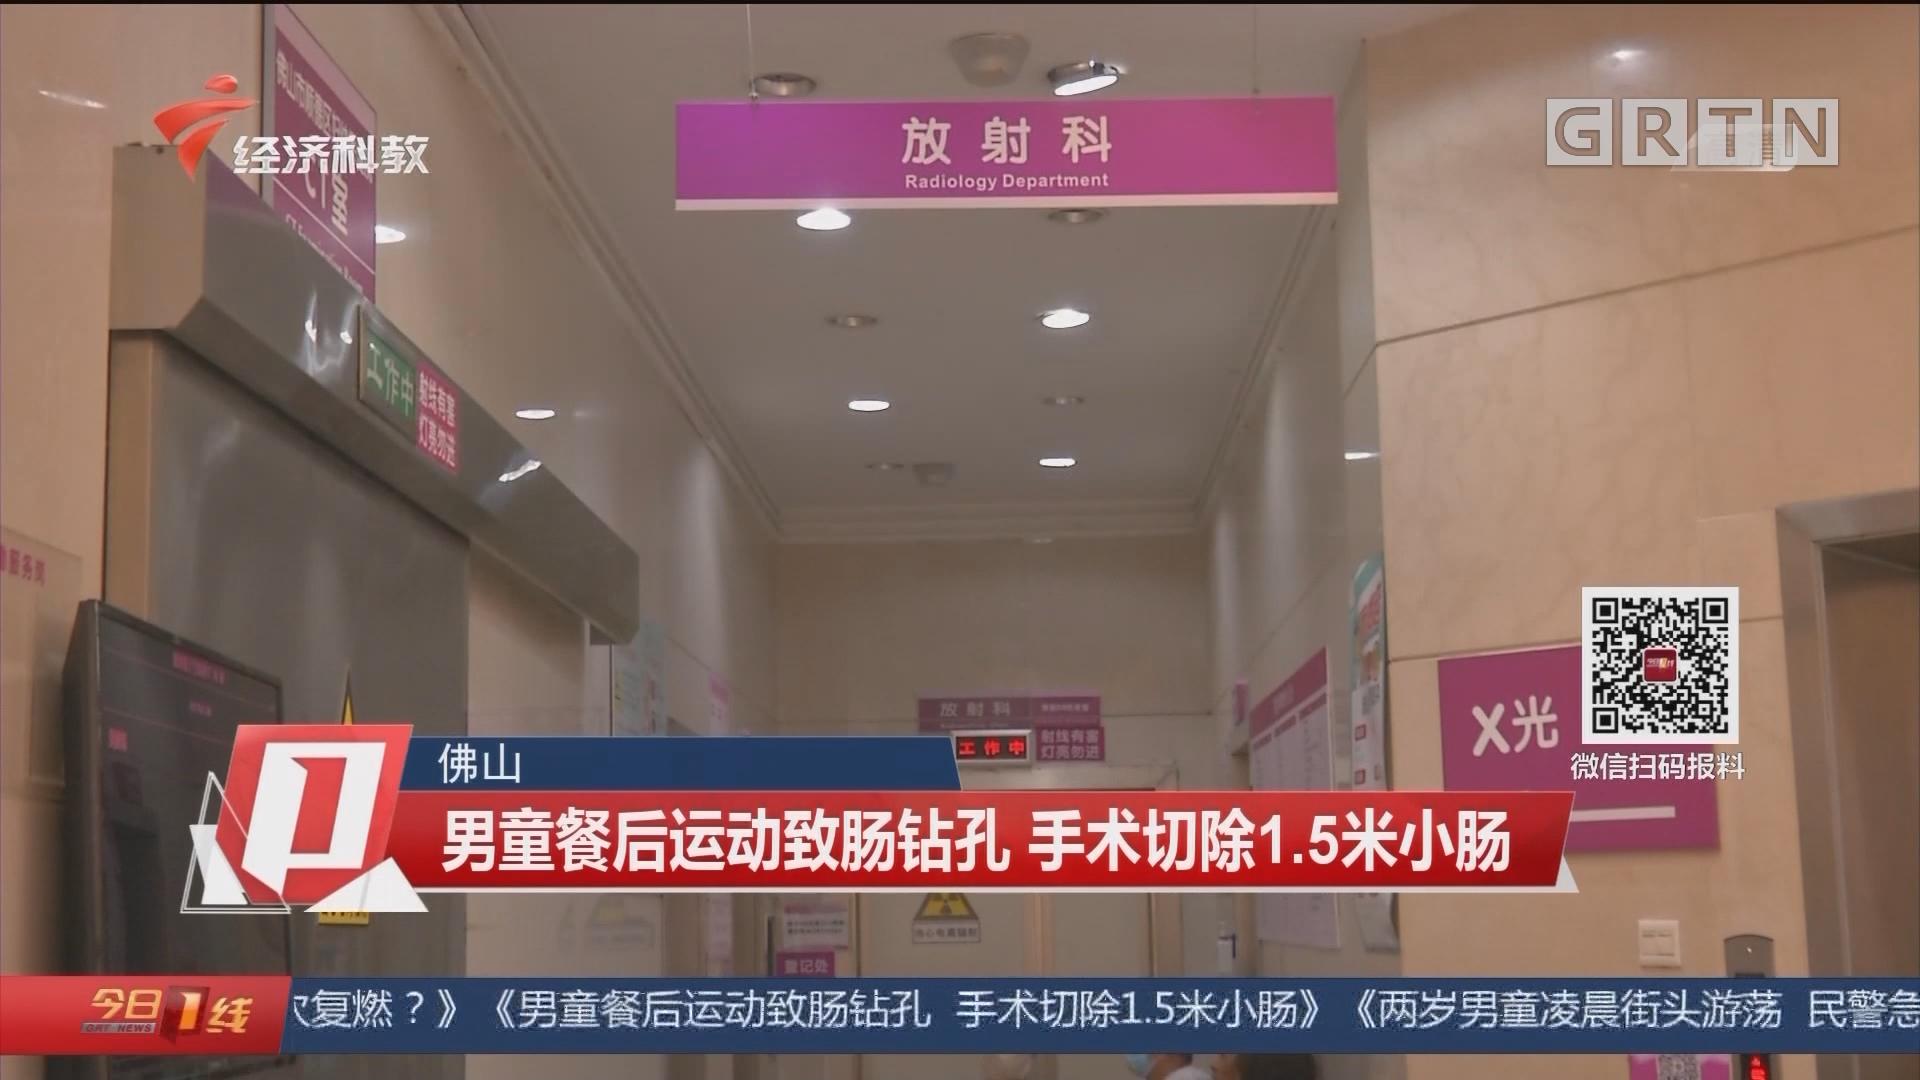 佛山:男童餐后运动致肠钻孔 手术切除1.5米小肠